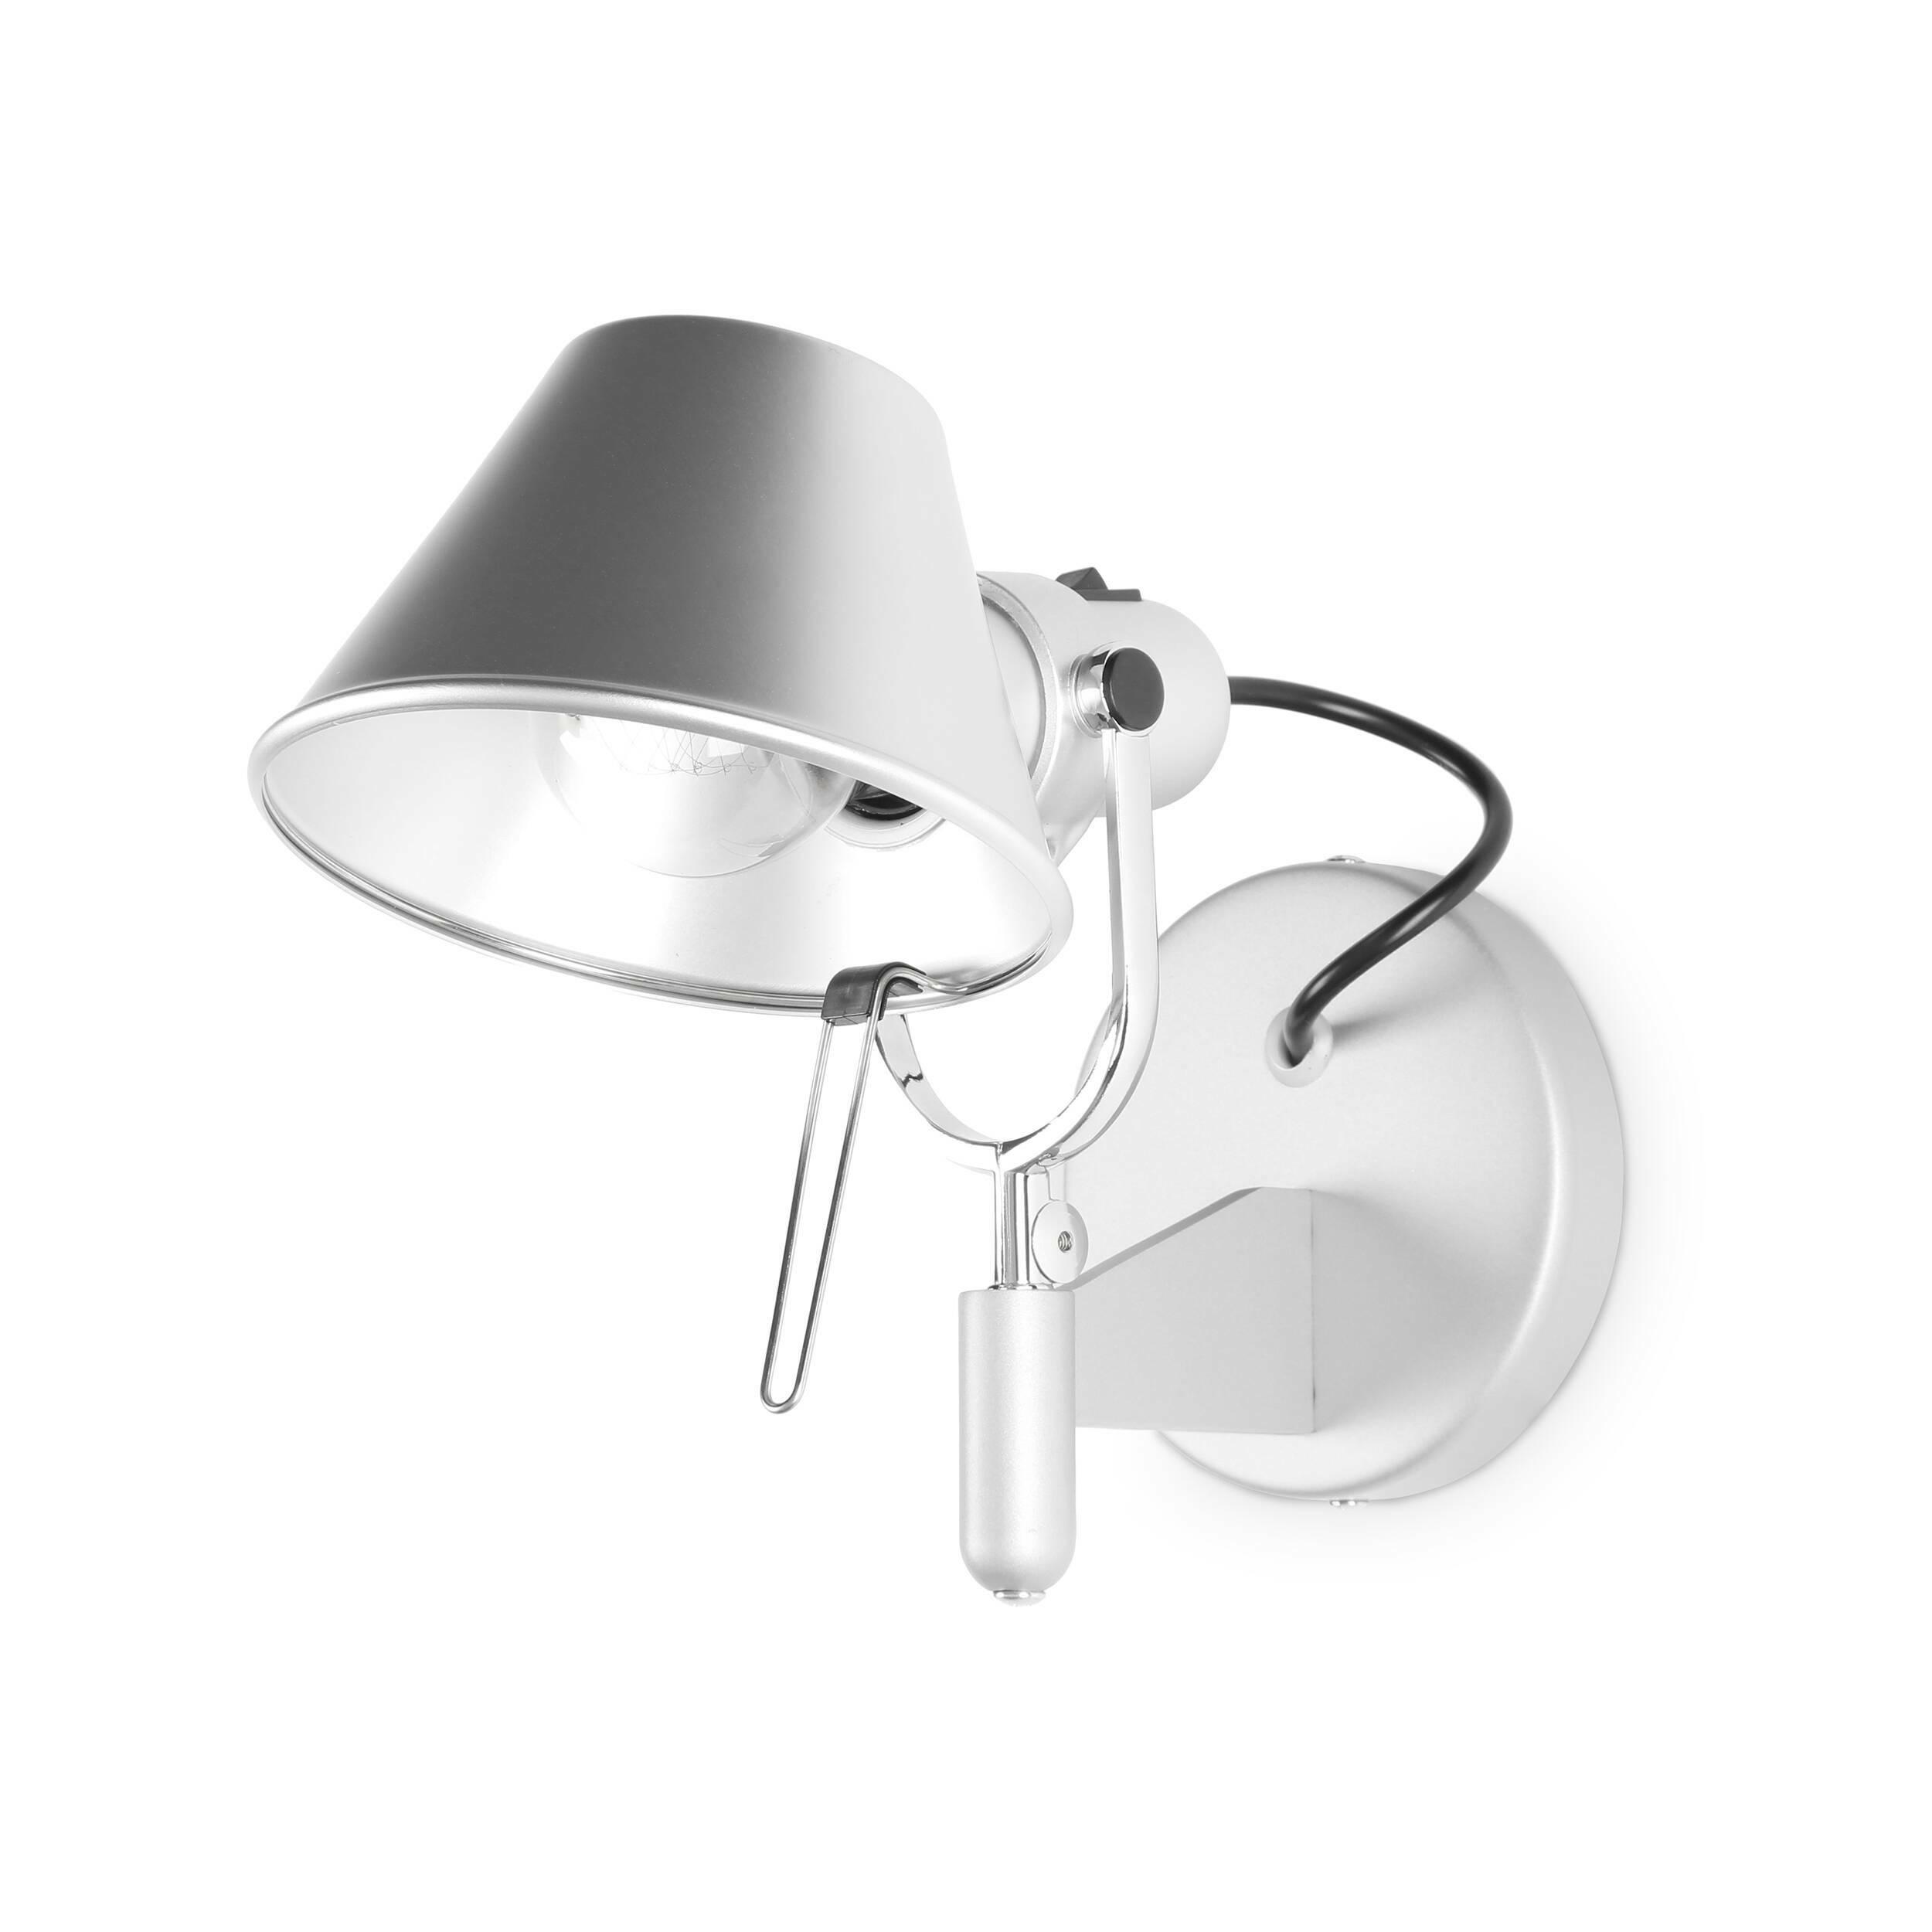 Настенный светильник Cosmo 15580970 от Cosmorelax